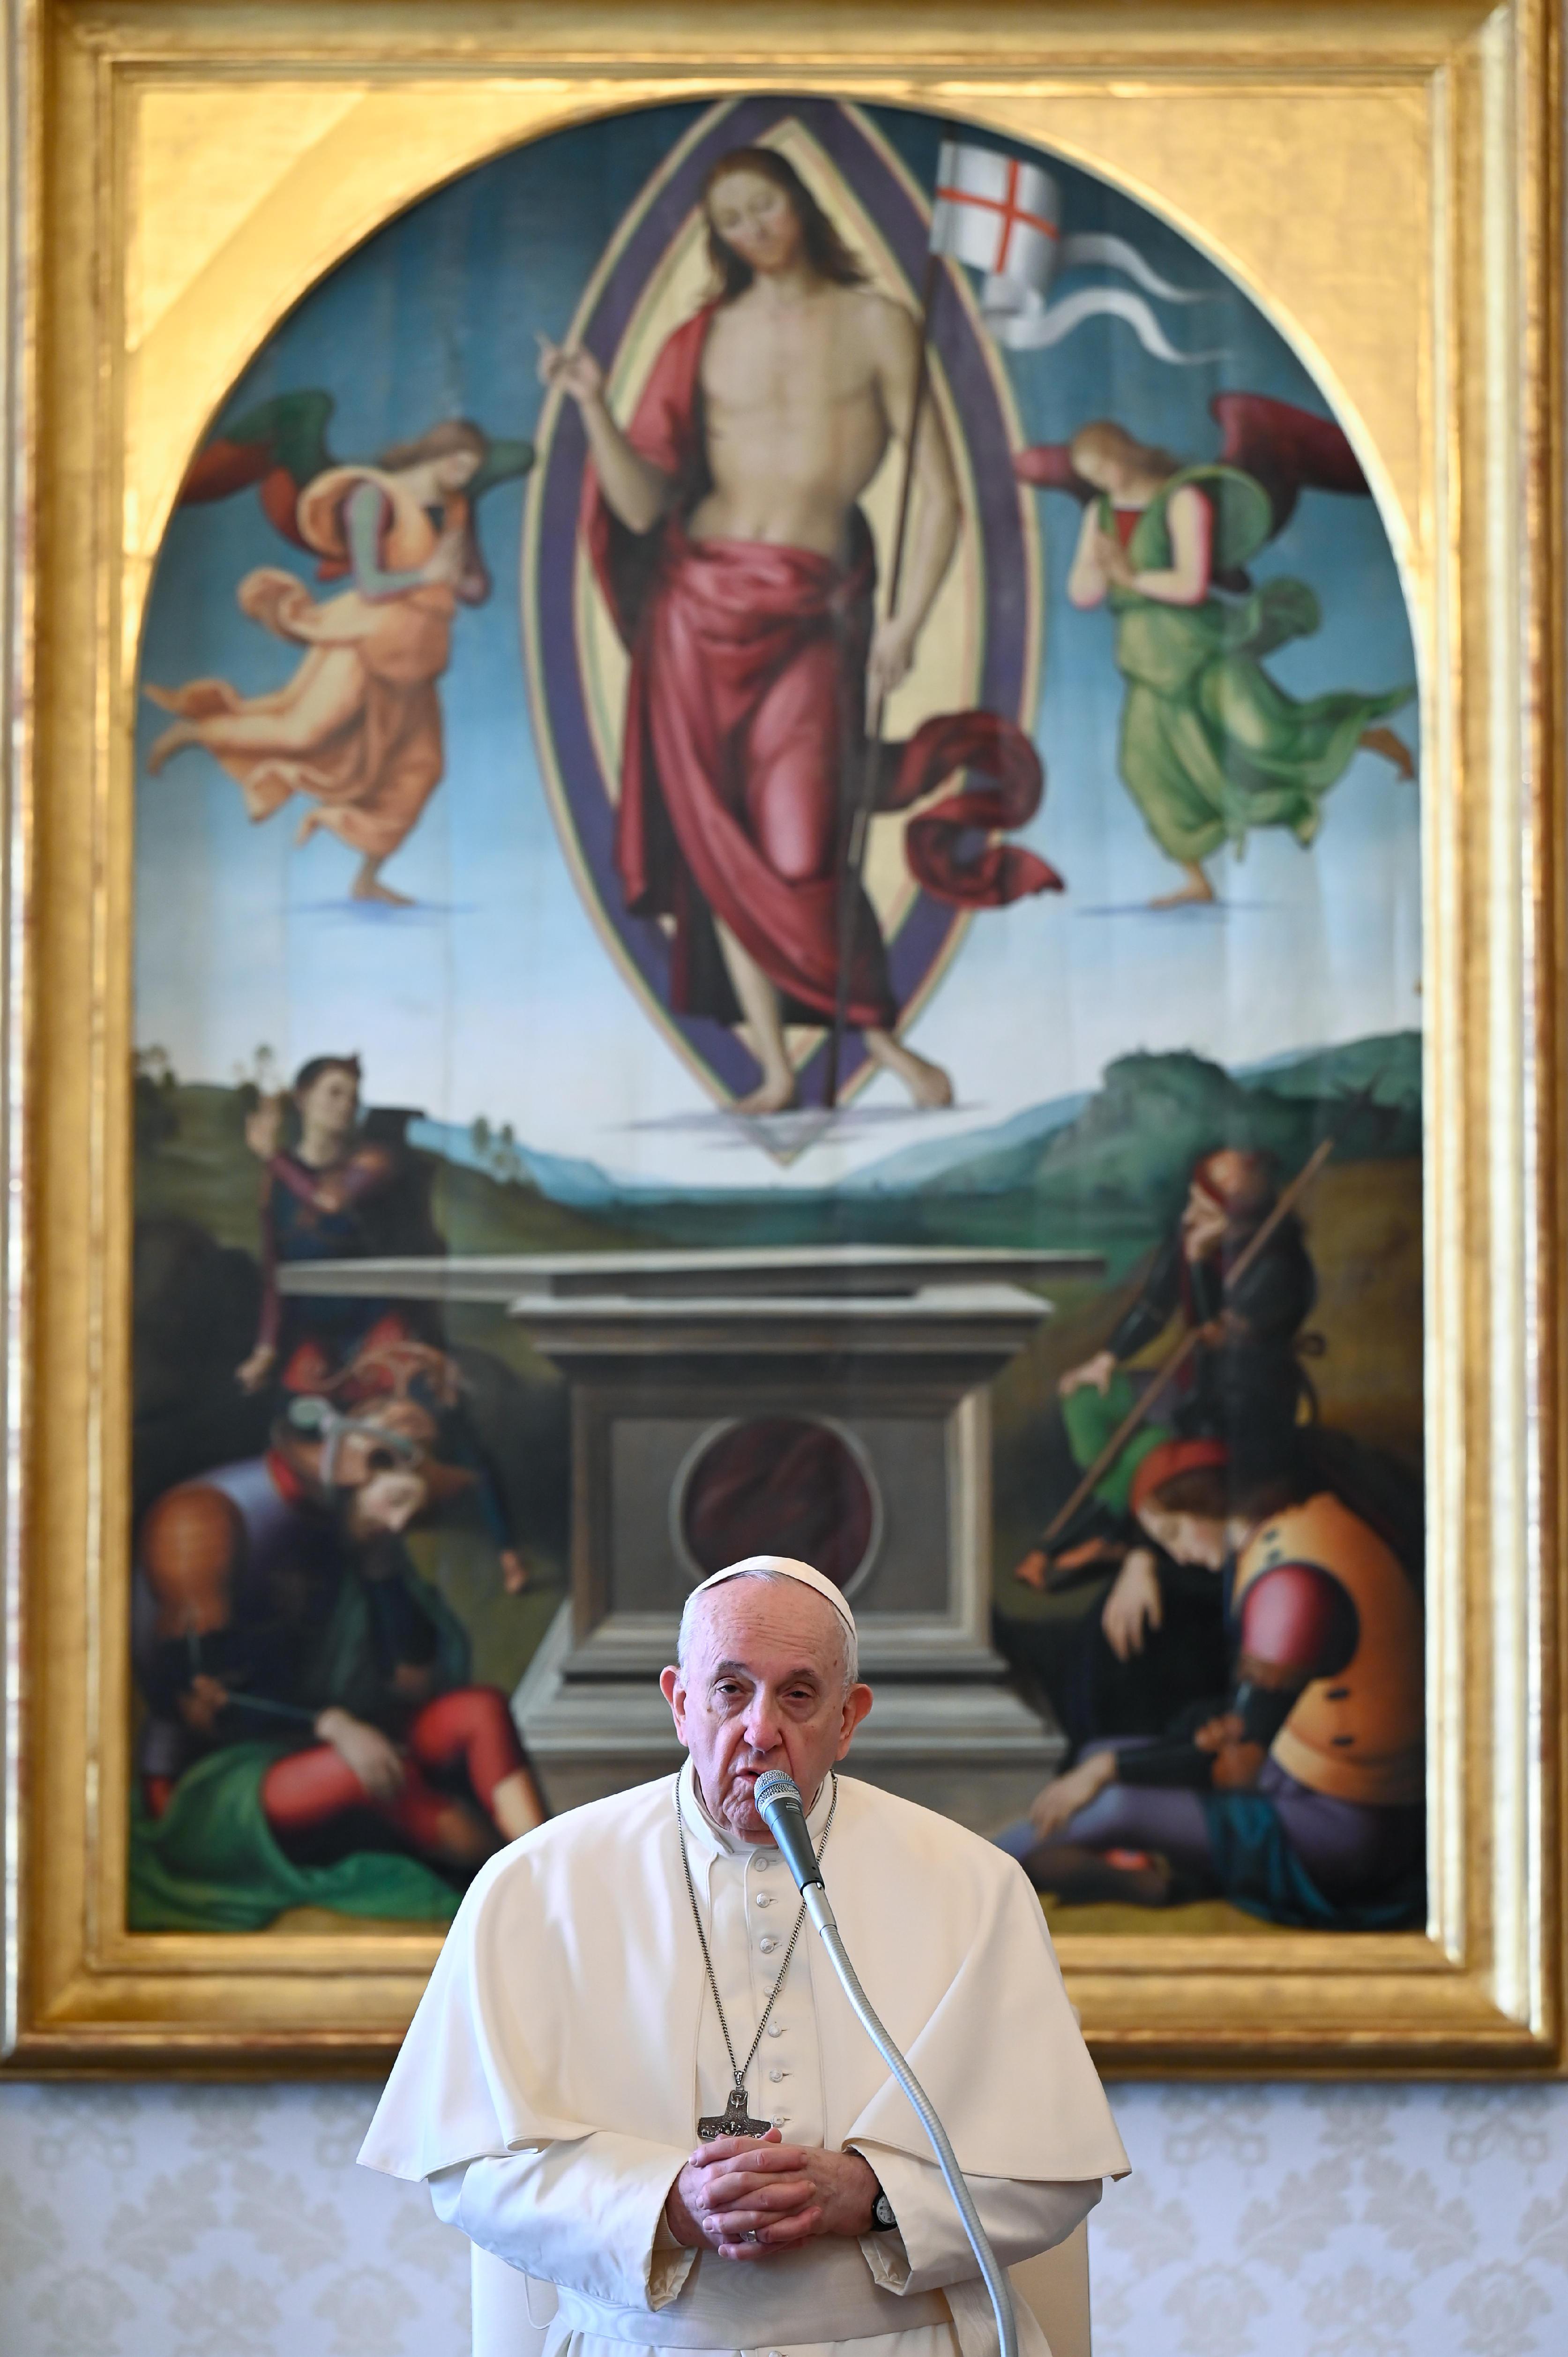 foto tirada e distribuída em 13 de janeiro de 2021 pela mídia do Vaticano mostra o Papa Francisco mantendo uma audiência privada semanal transmitida ao vivo na biblioteca do palácio apostólico no Vaticano.